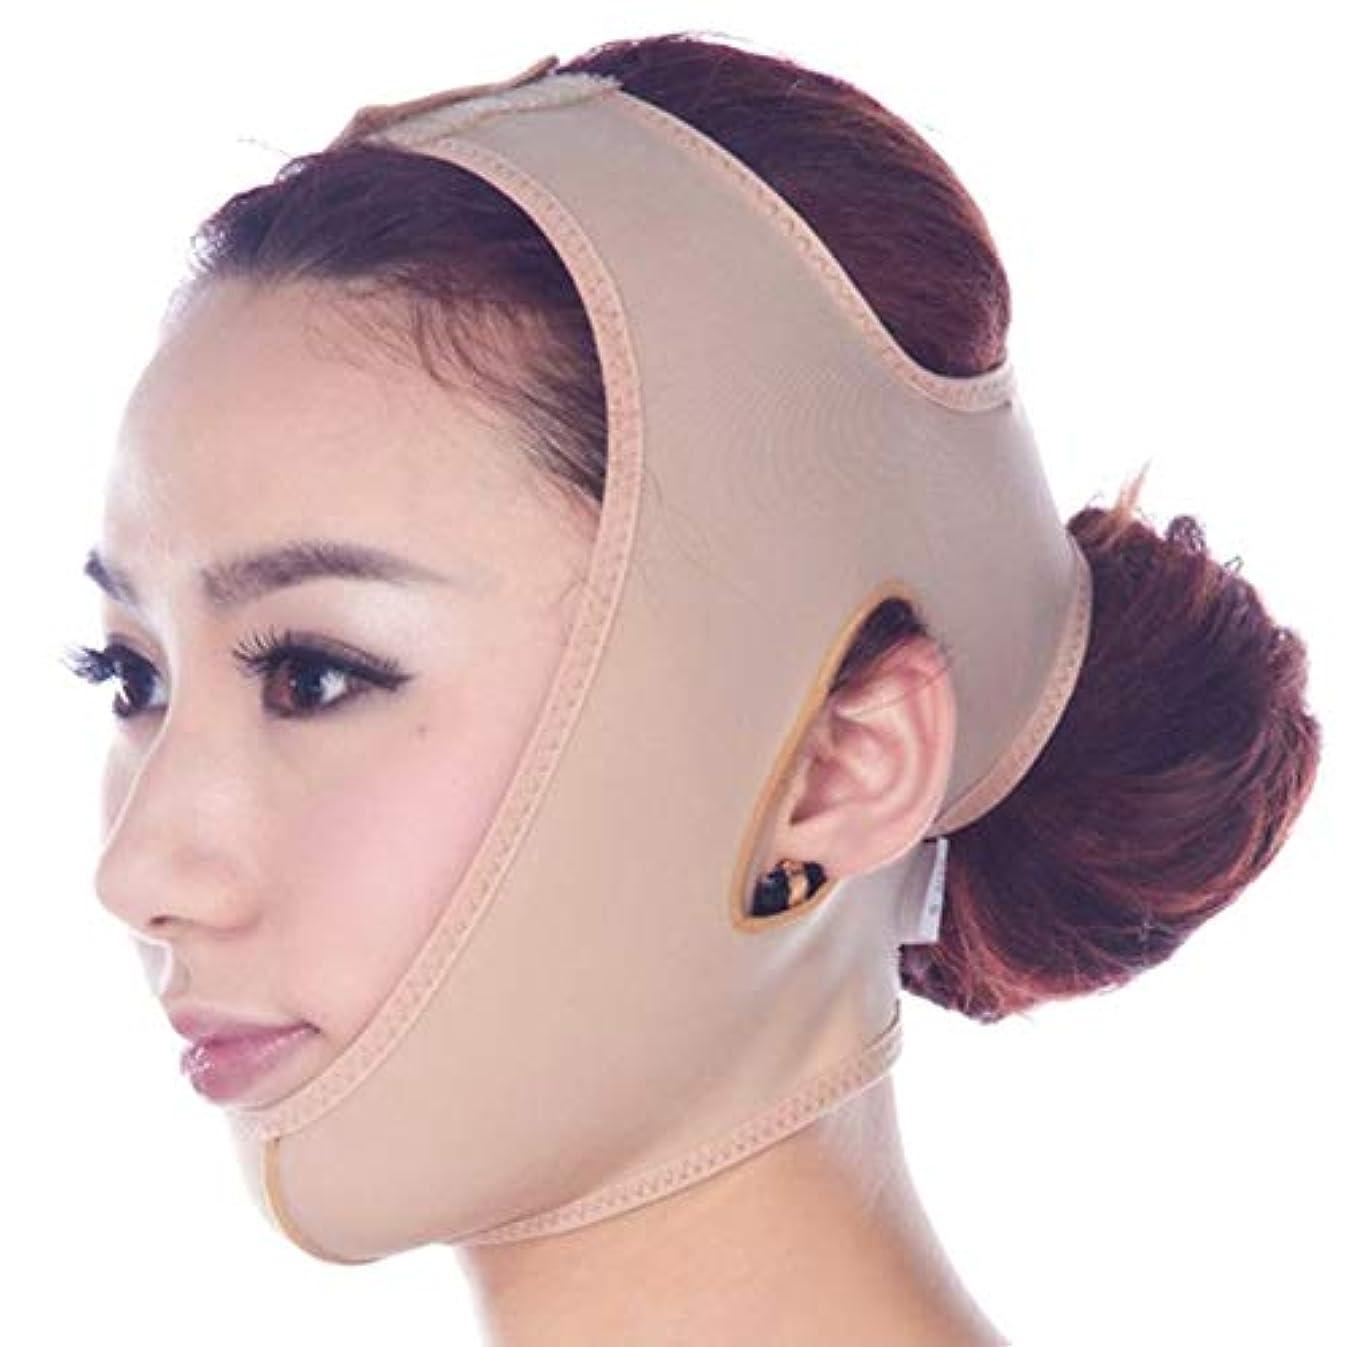 写真可動式バージンフェイスリフトアップベルトマスク痩身包帯スキンケアシェイパーは、二重顎Thiningバンドを減らします,S